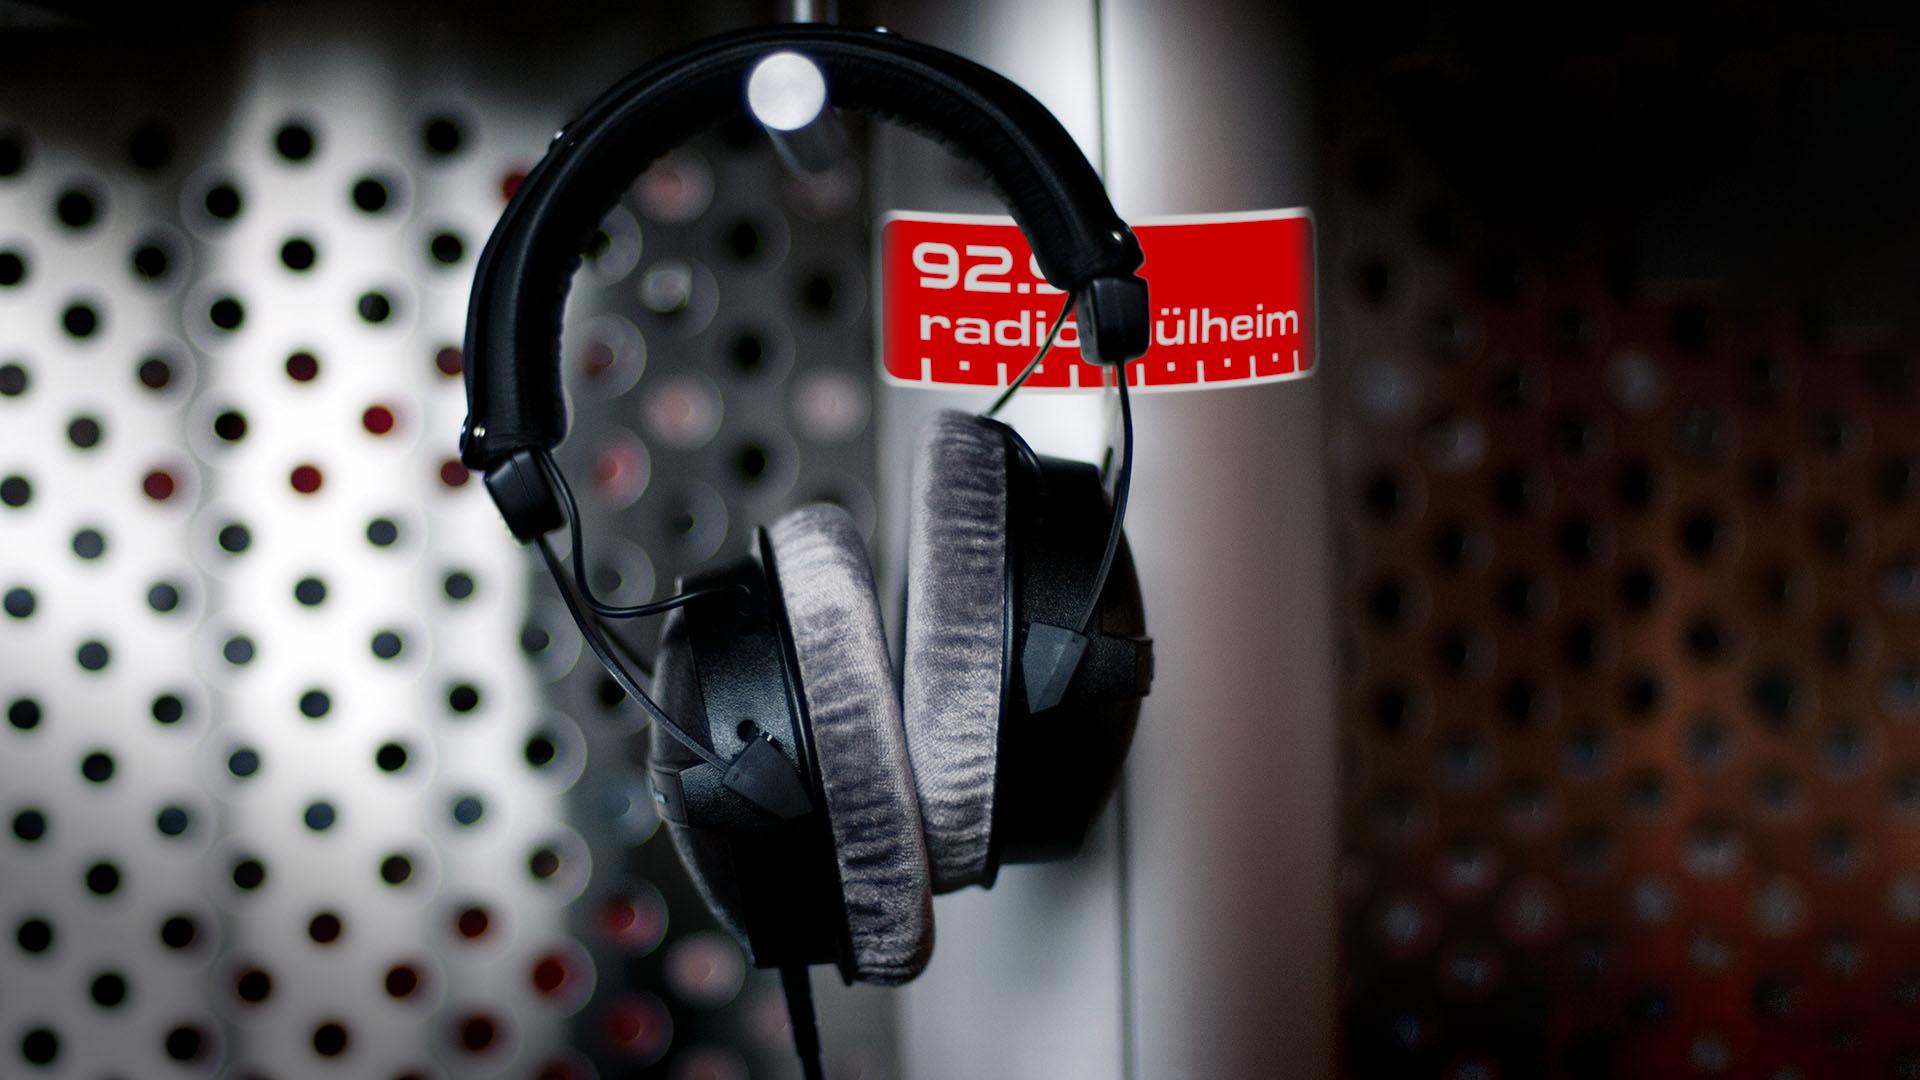 Das Studio in einer Nahaufnahme mit einem Kopfhörer von Radio Mülheim.